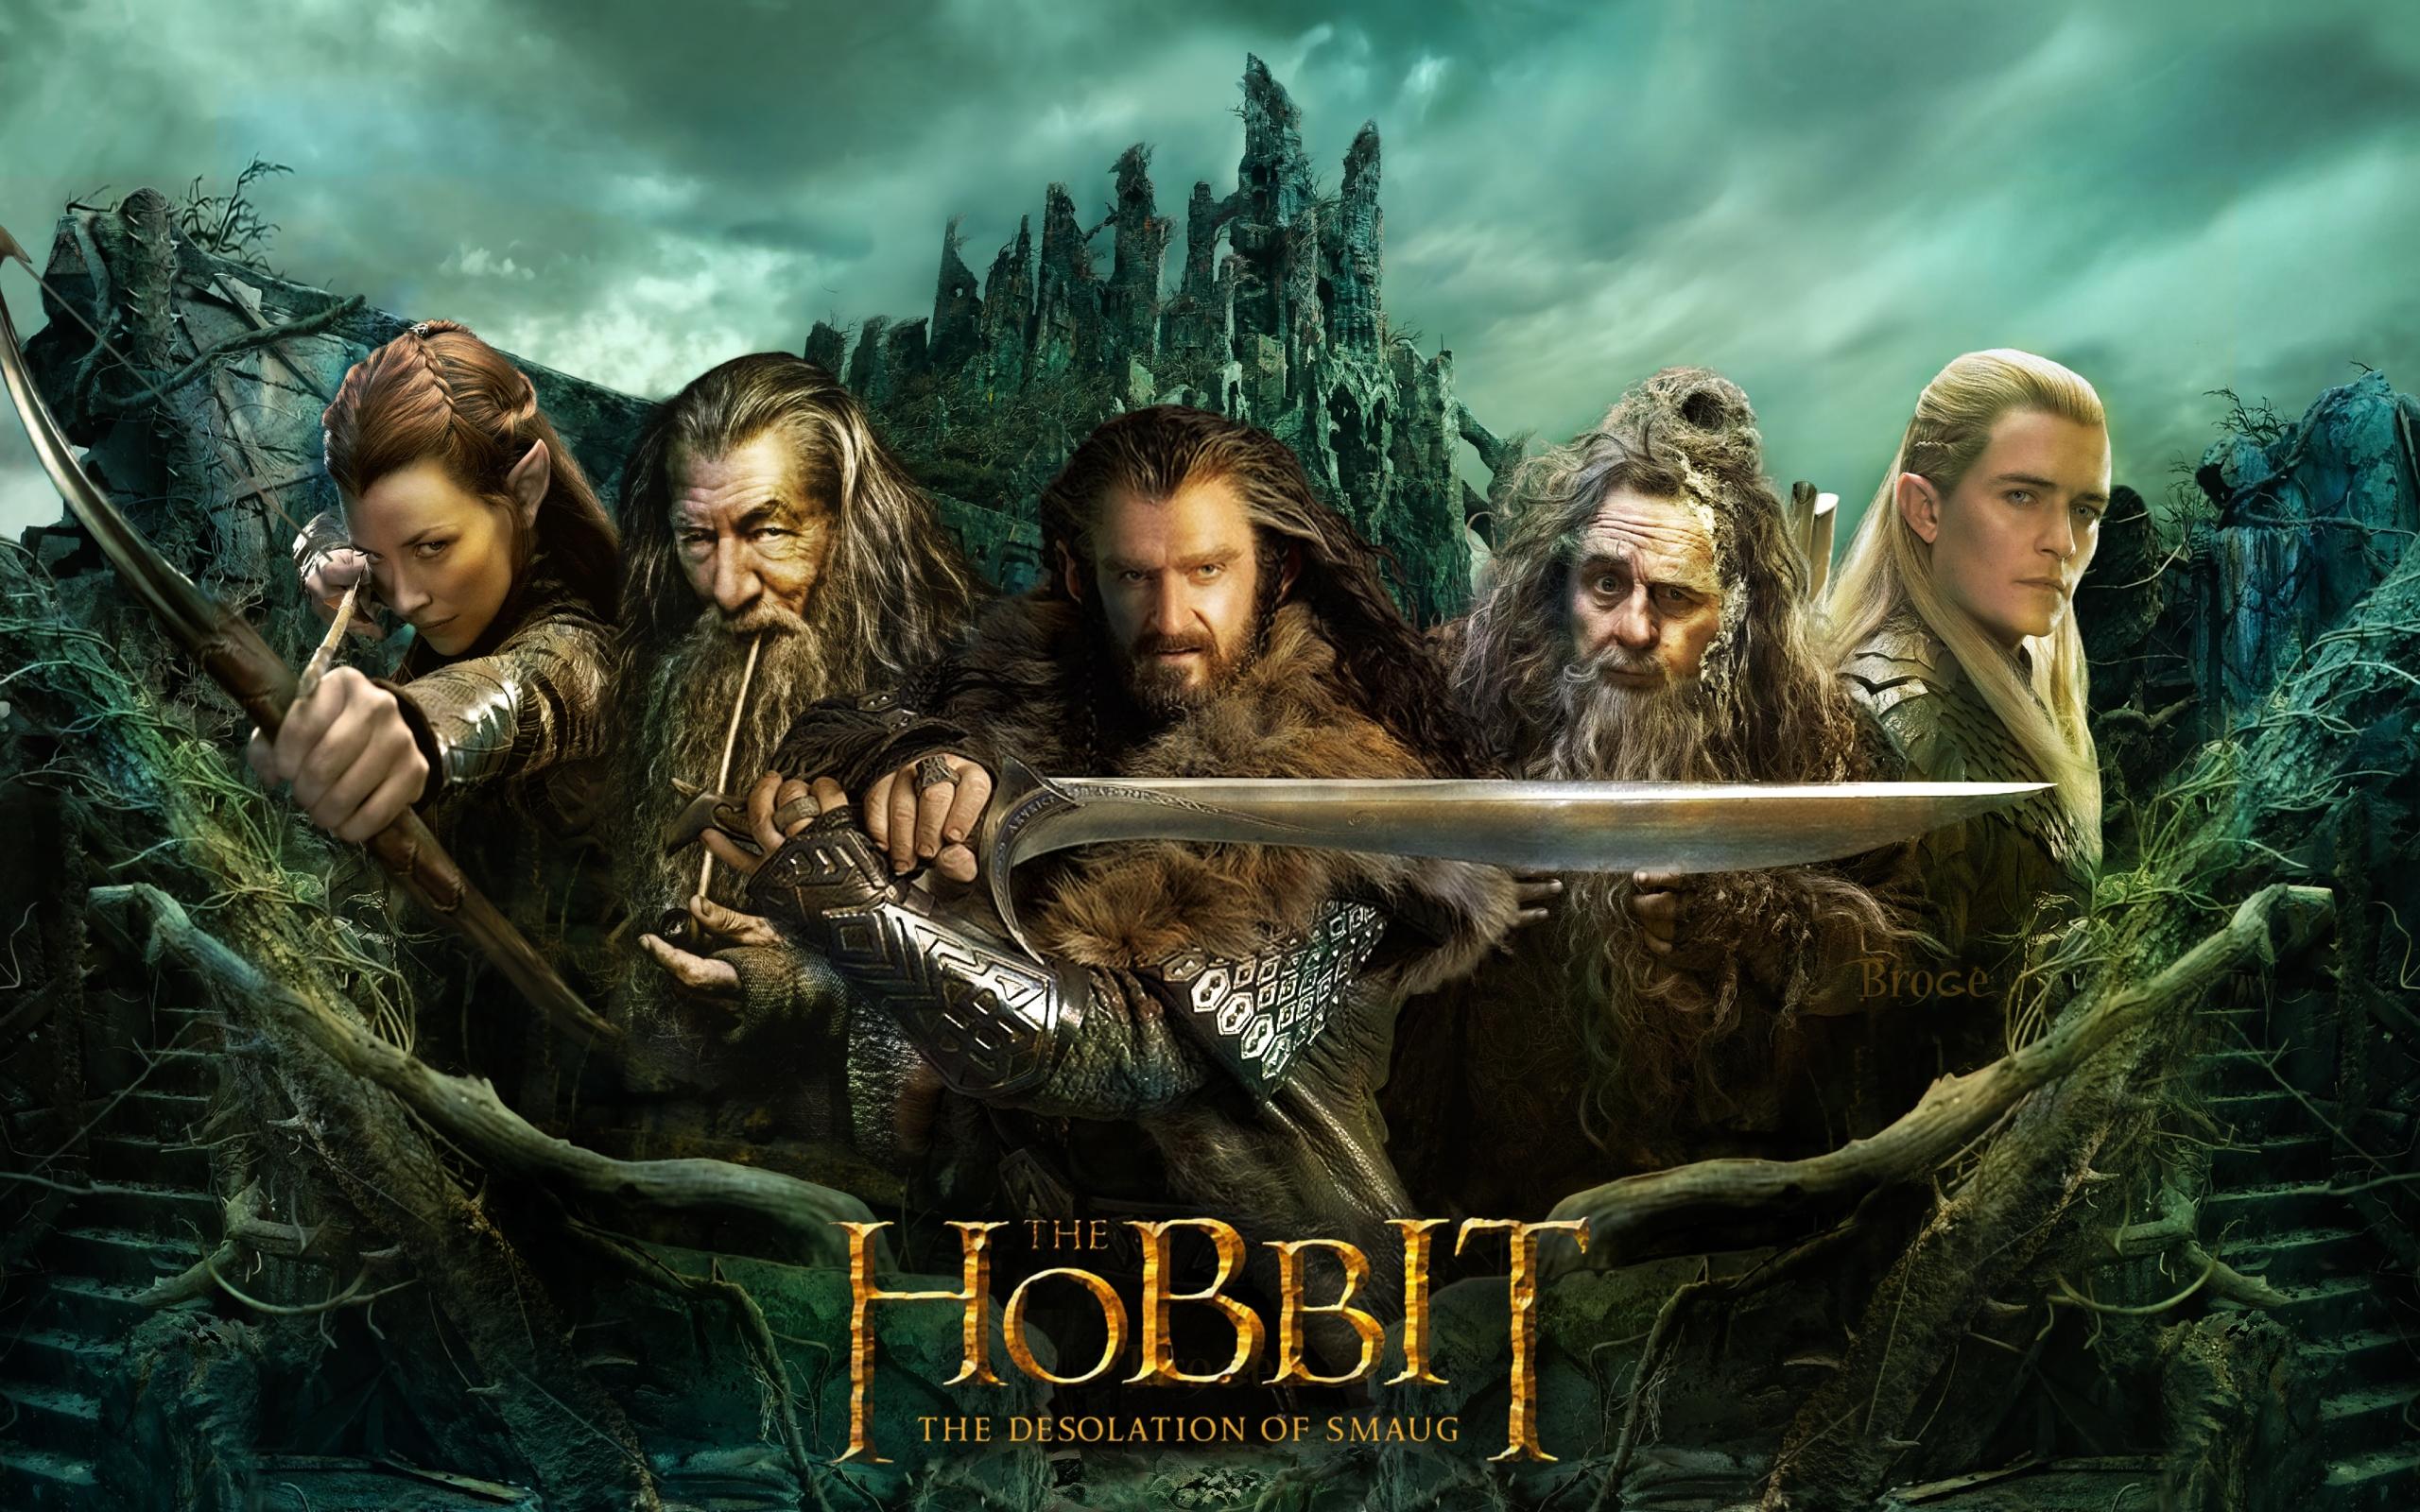 Картинка хоббит: пустошь смауга драконы золото фильмы.